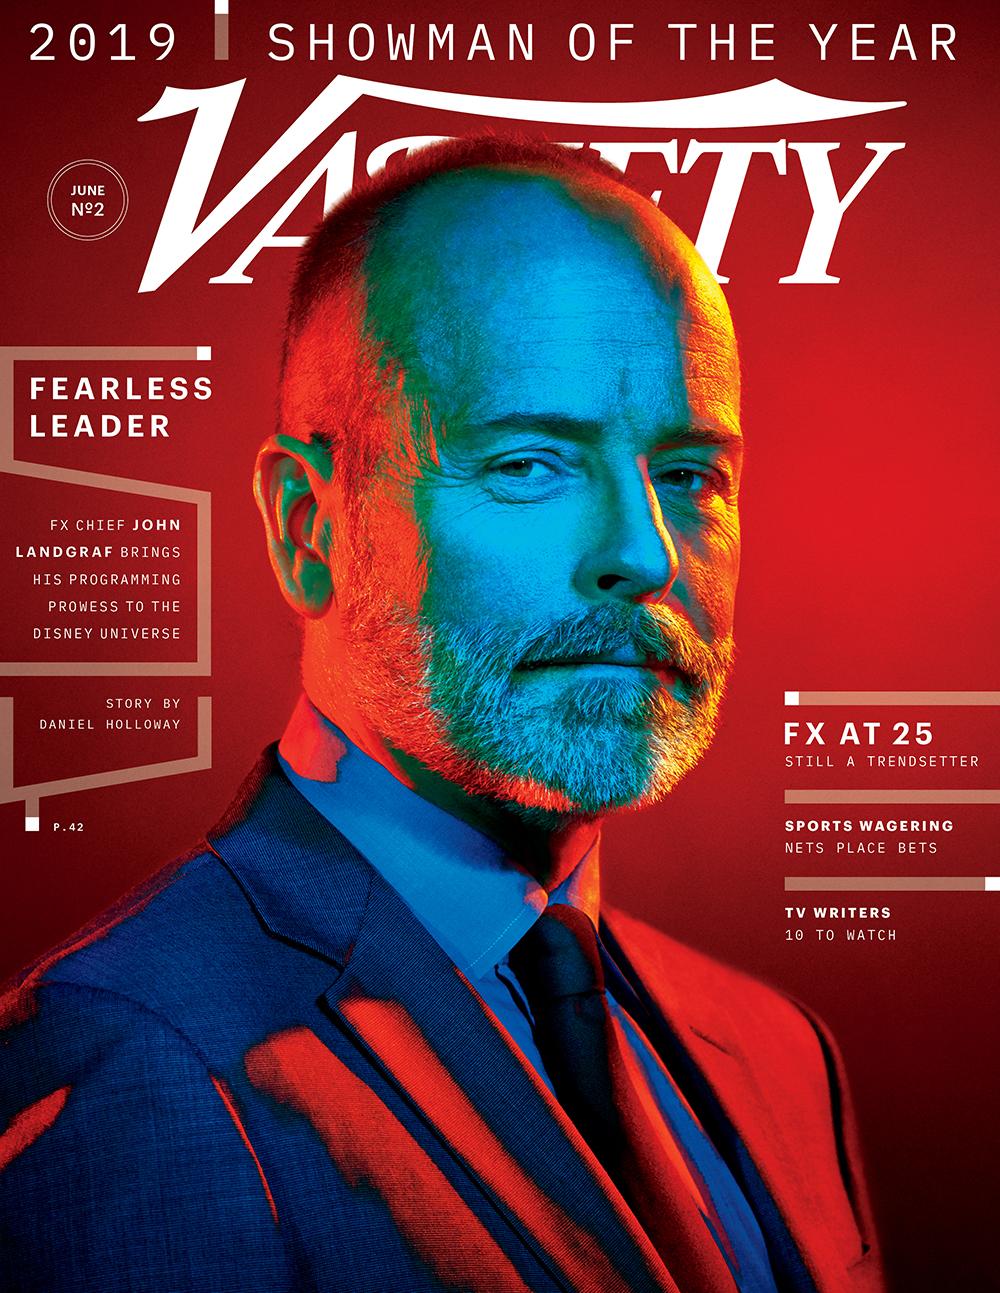 john-landgraf-showman-of-the-year-variety-cover (1).jpg